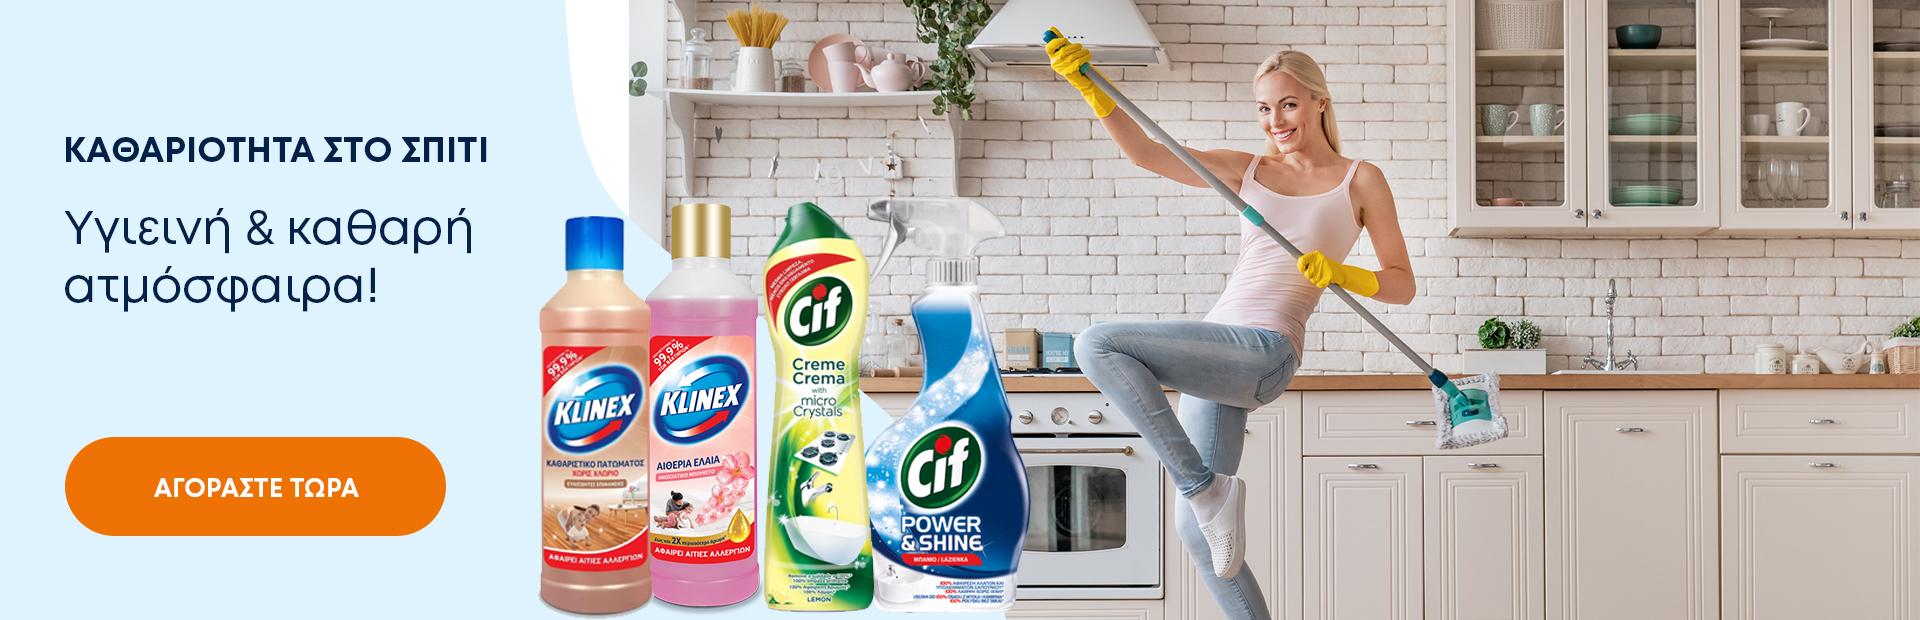 klinex Cif